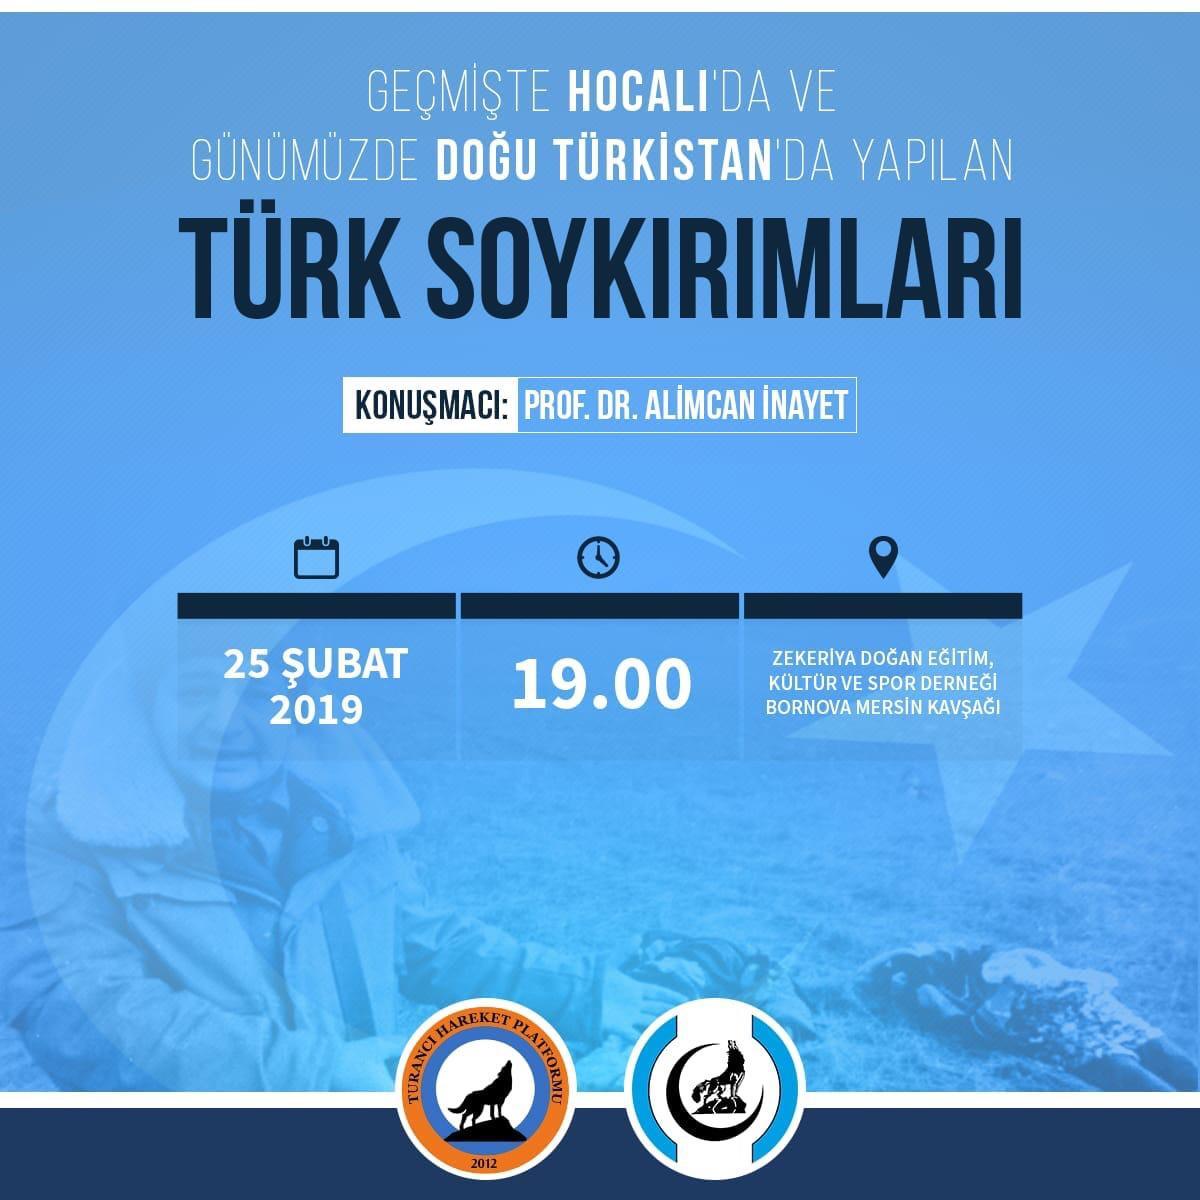 """""""Geçmişte Hocalı'da ve Günümüzde Doğu Türkistan'da Yapılan Türk Soykırımları"""" konulu koferans"""